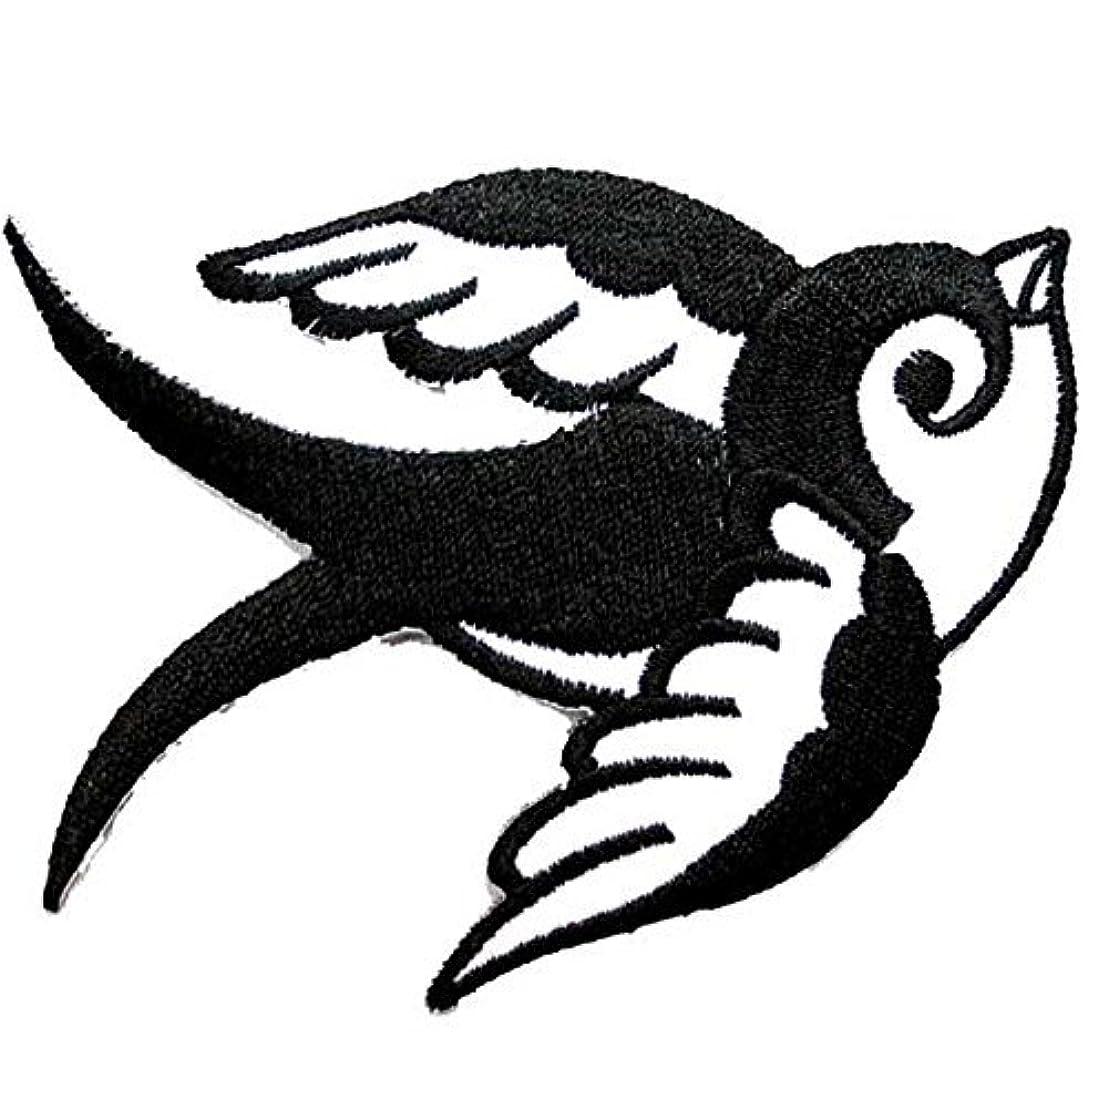 誘惑する外交官離婚ノーブランド品 つばめ(右向き) 燕 デザインワッペン